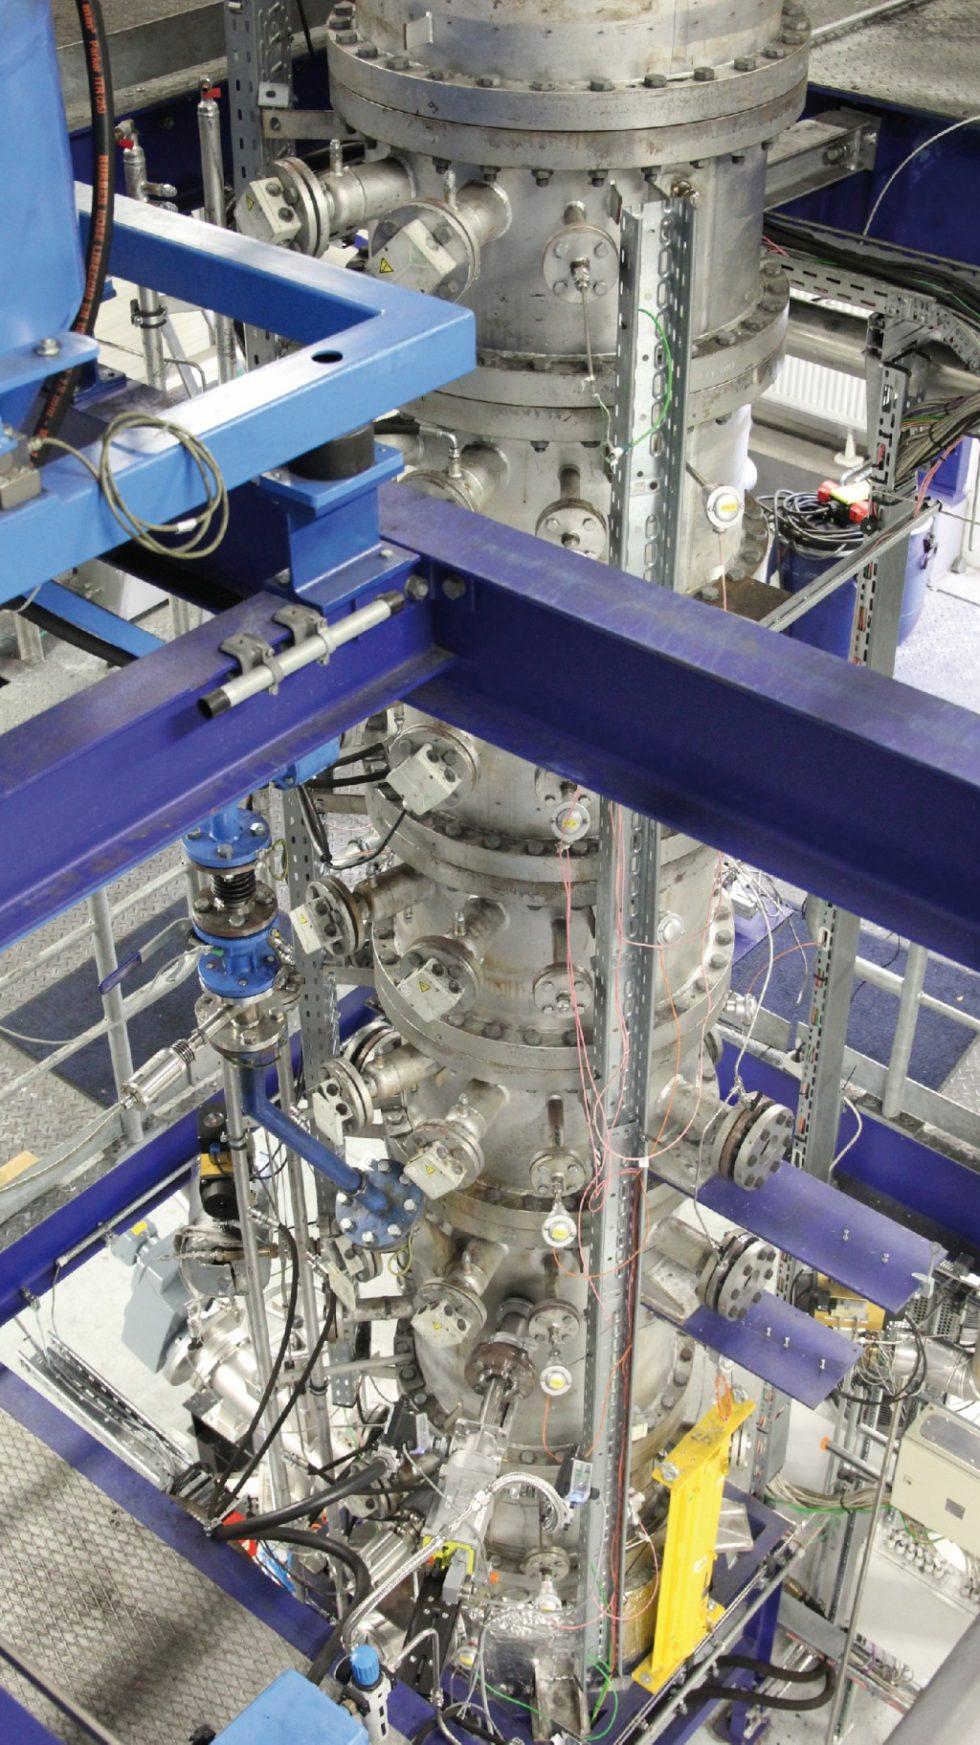 Der Stahlbehälter des Coorved-Vergasers für die Wirbelschichtvergasung ist etwa acht Meter hoch. Er ist für Kunststoffabfälle, getrockneten Klärschlamm oder aschereiche Kohlen besondere geeignet. Bild: IEC